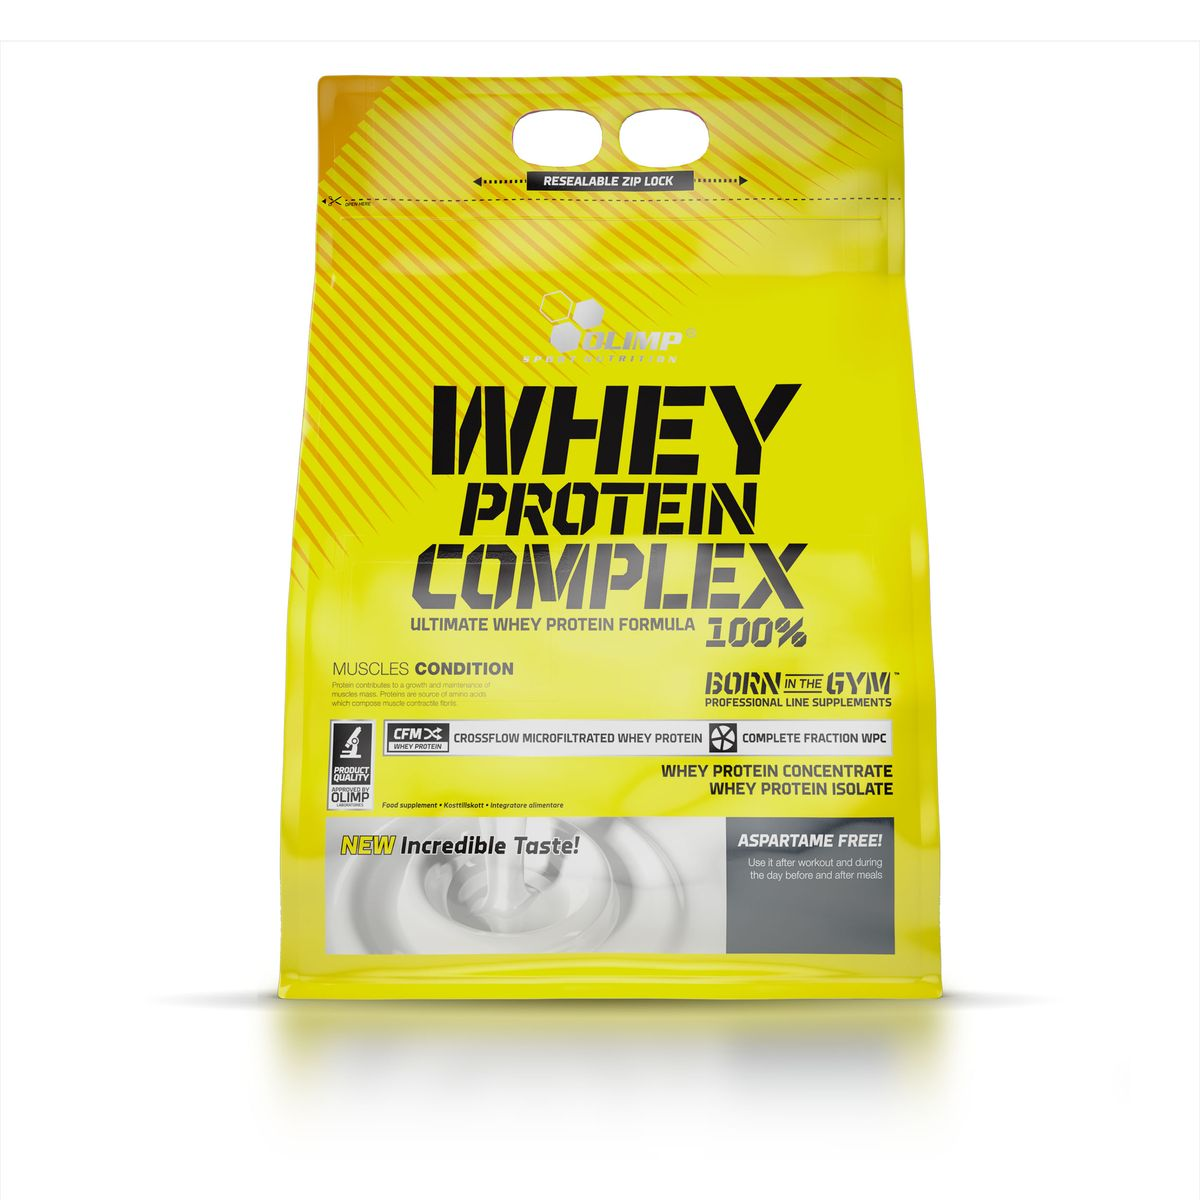 Протеин Olimp Sport Nutrition Whey Protein Complex 100%, клубника, 2,3 кг105517Протеин Olimp Sport Nutrition Whey Protein Complex 100% - так называется белок молочной сыворотки по-английски. Этот белок обладает наивысшей биологической ценностью и лучше всего переносится организмом. Компания Olimp Sport Nutrition разработала высококачественный протеиновый порошок, Whey Protein Complex 100% - который обладает приятным вкусом и отвечает физиологическим потребностям. В качестве сырья при производстве используется микрофильтрованный протеин, который не выносит высоких температур и высокого давления.Рекомендации по применению: принимайте до 3 порции в день - утром, между приемами пищи и после тренировки или перед сном.Как повысить эффективность тренировок с помощью спортивного питания? Статья OZON Гид